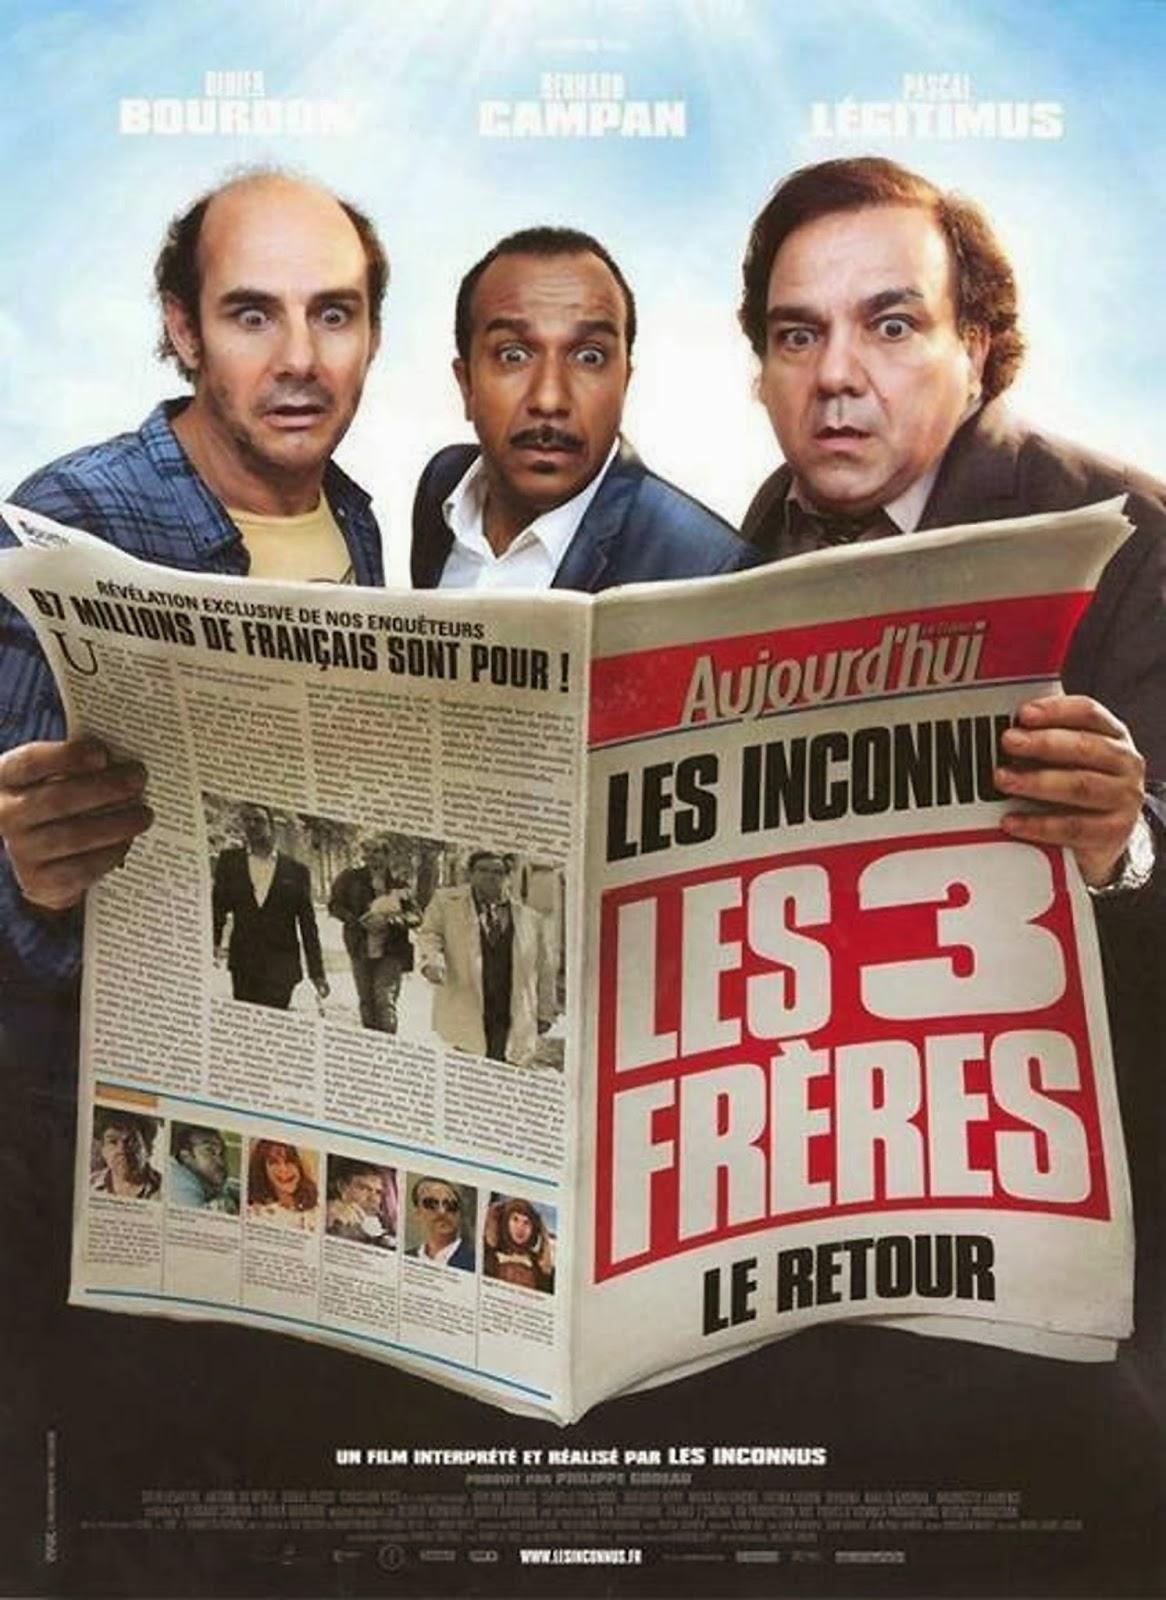 Les Inconnus Le retour, Les trois frères, Les trois frères le retour, critique film les inconnus, film les inconnus, critique film les trois frères